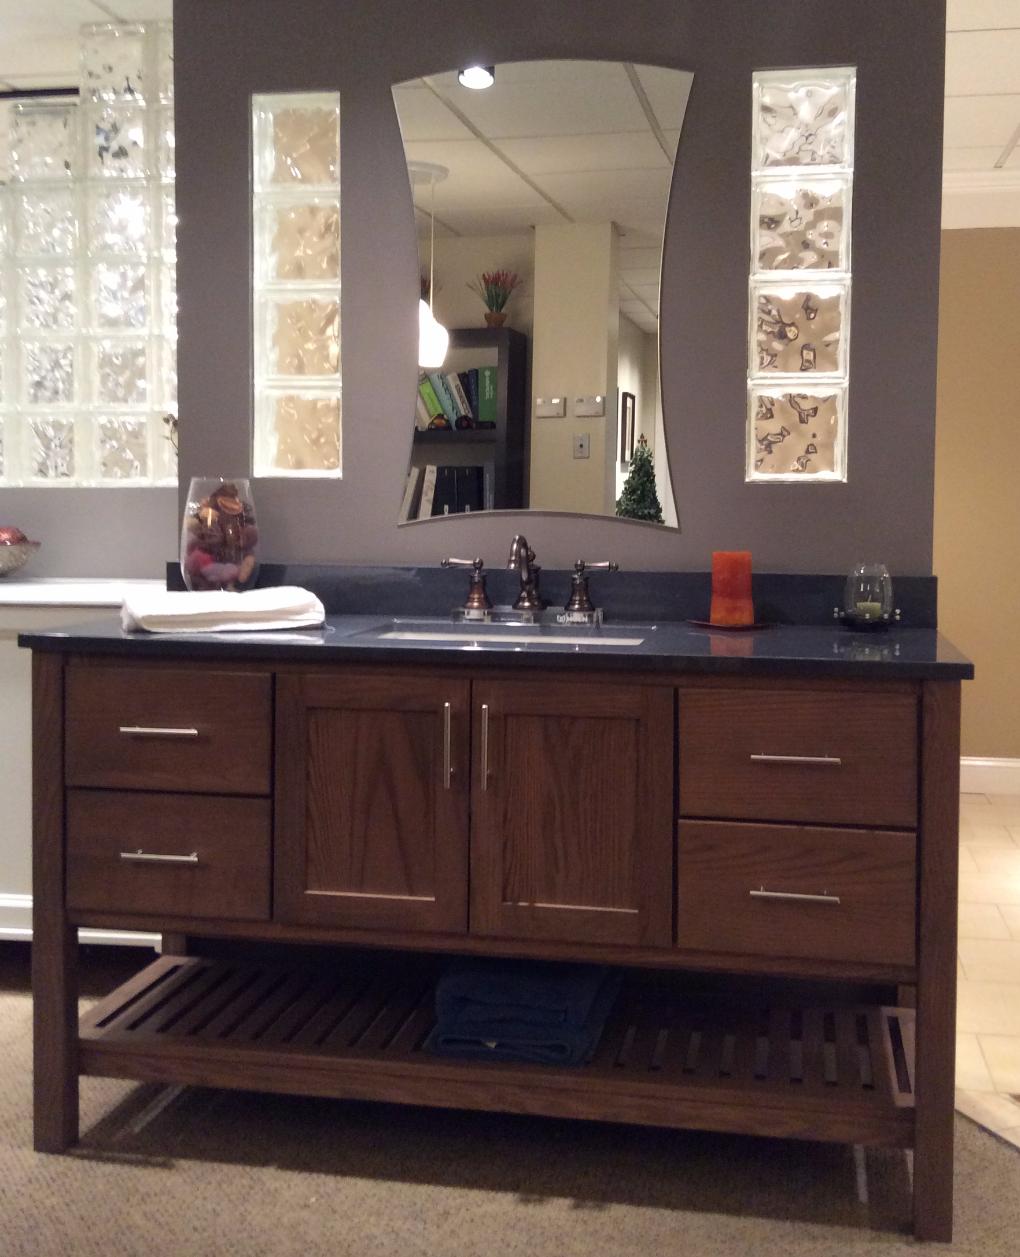 13 Extraordinary Bertch Bathroom Vanity Design